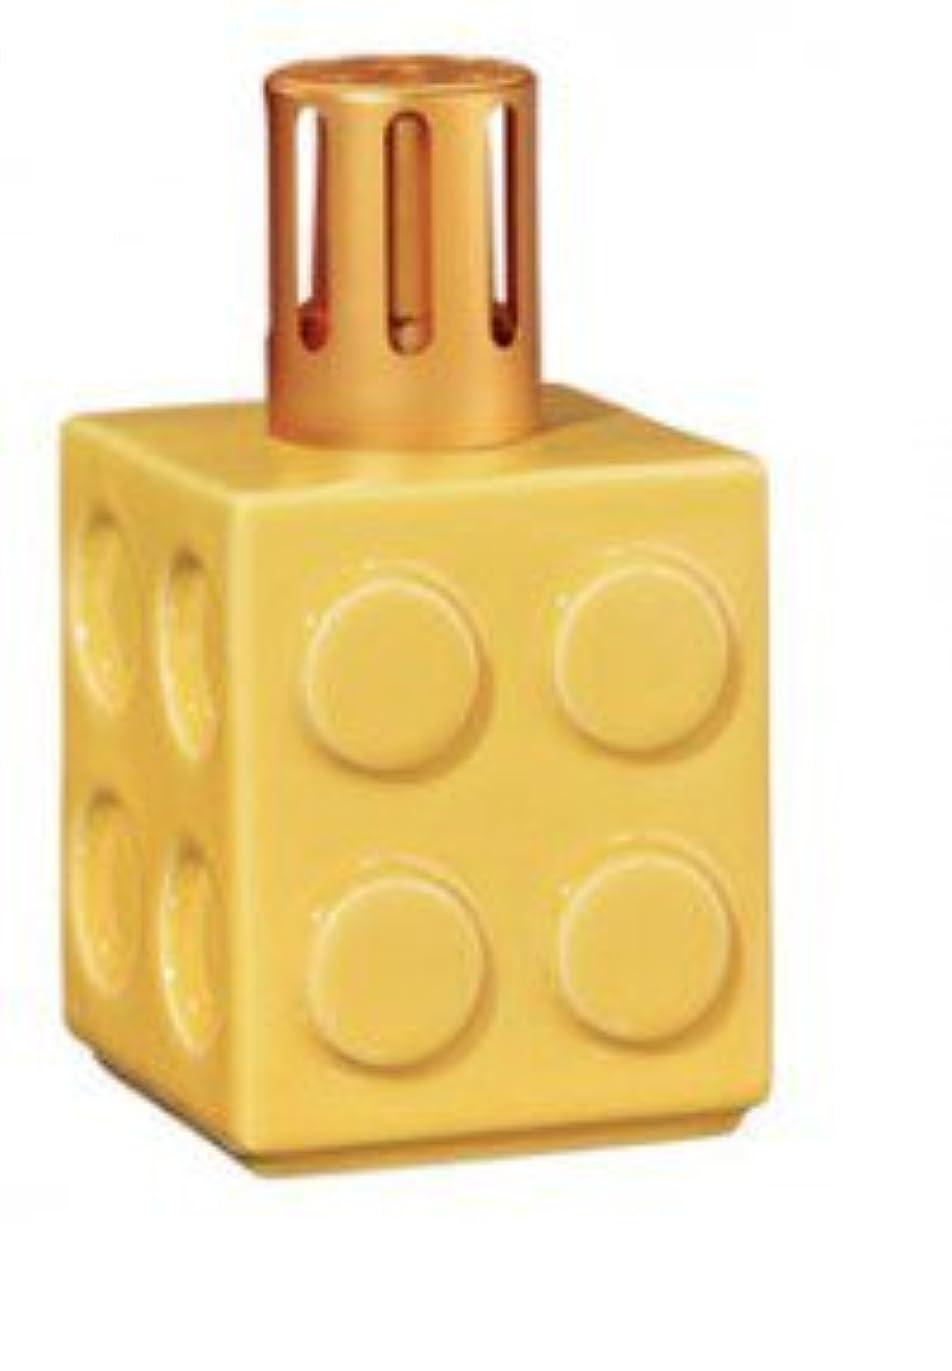 チラチラする大陸メディカルランプベルジェ?ランプ Play Berger Yellow